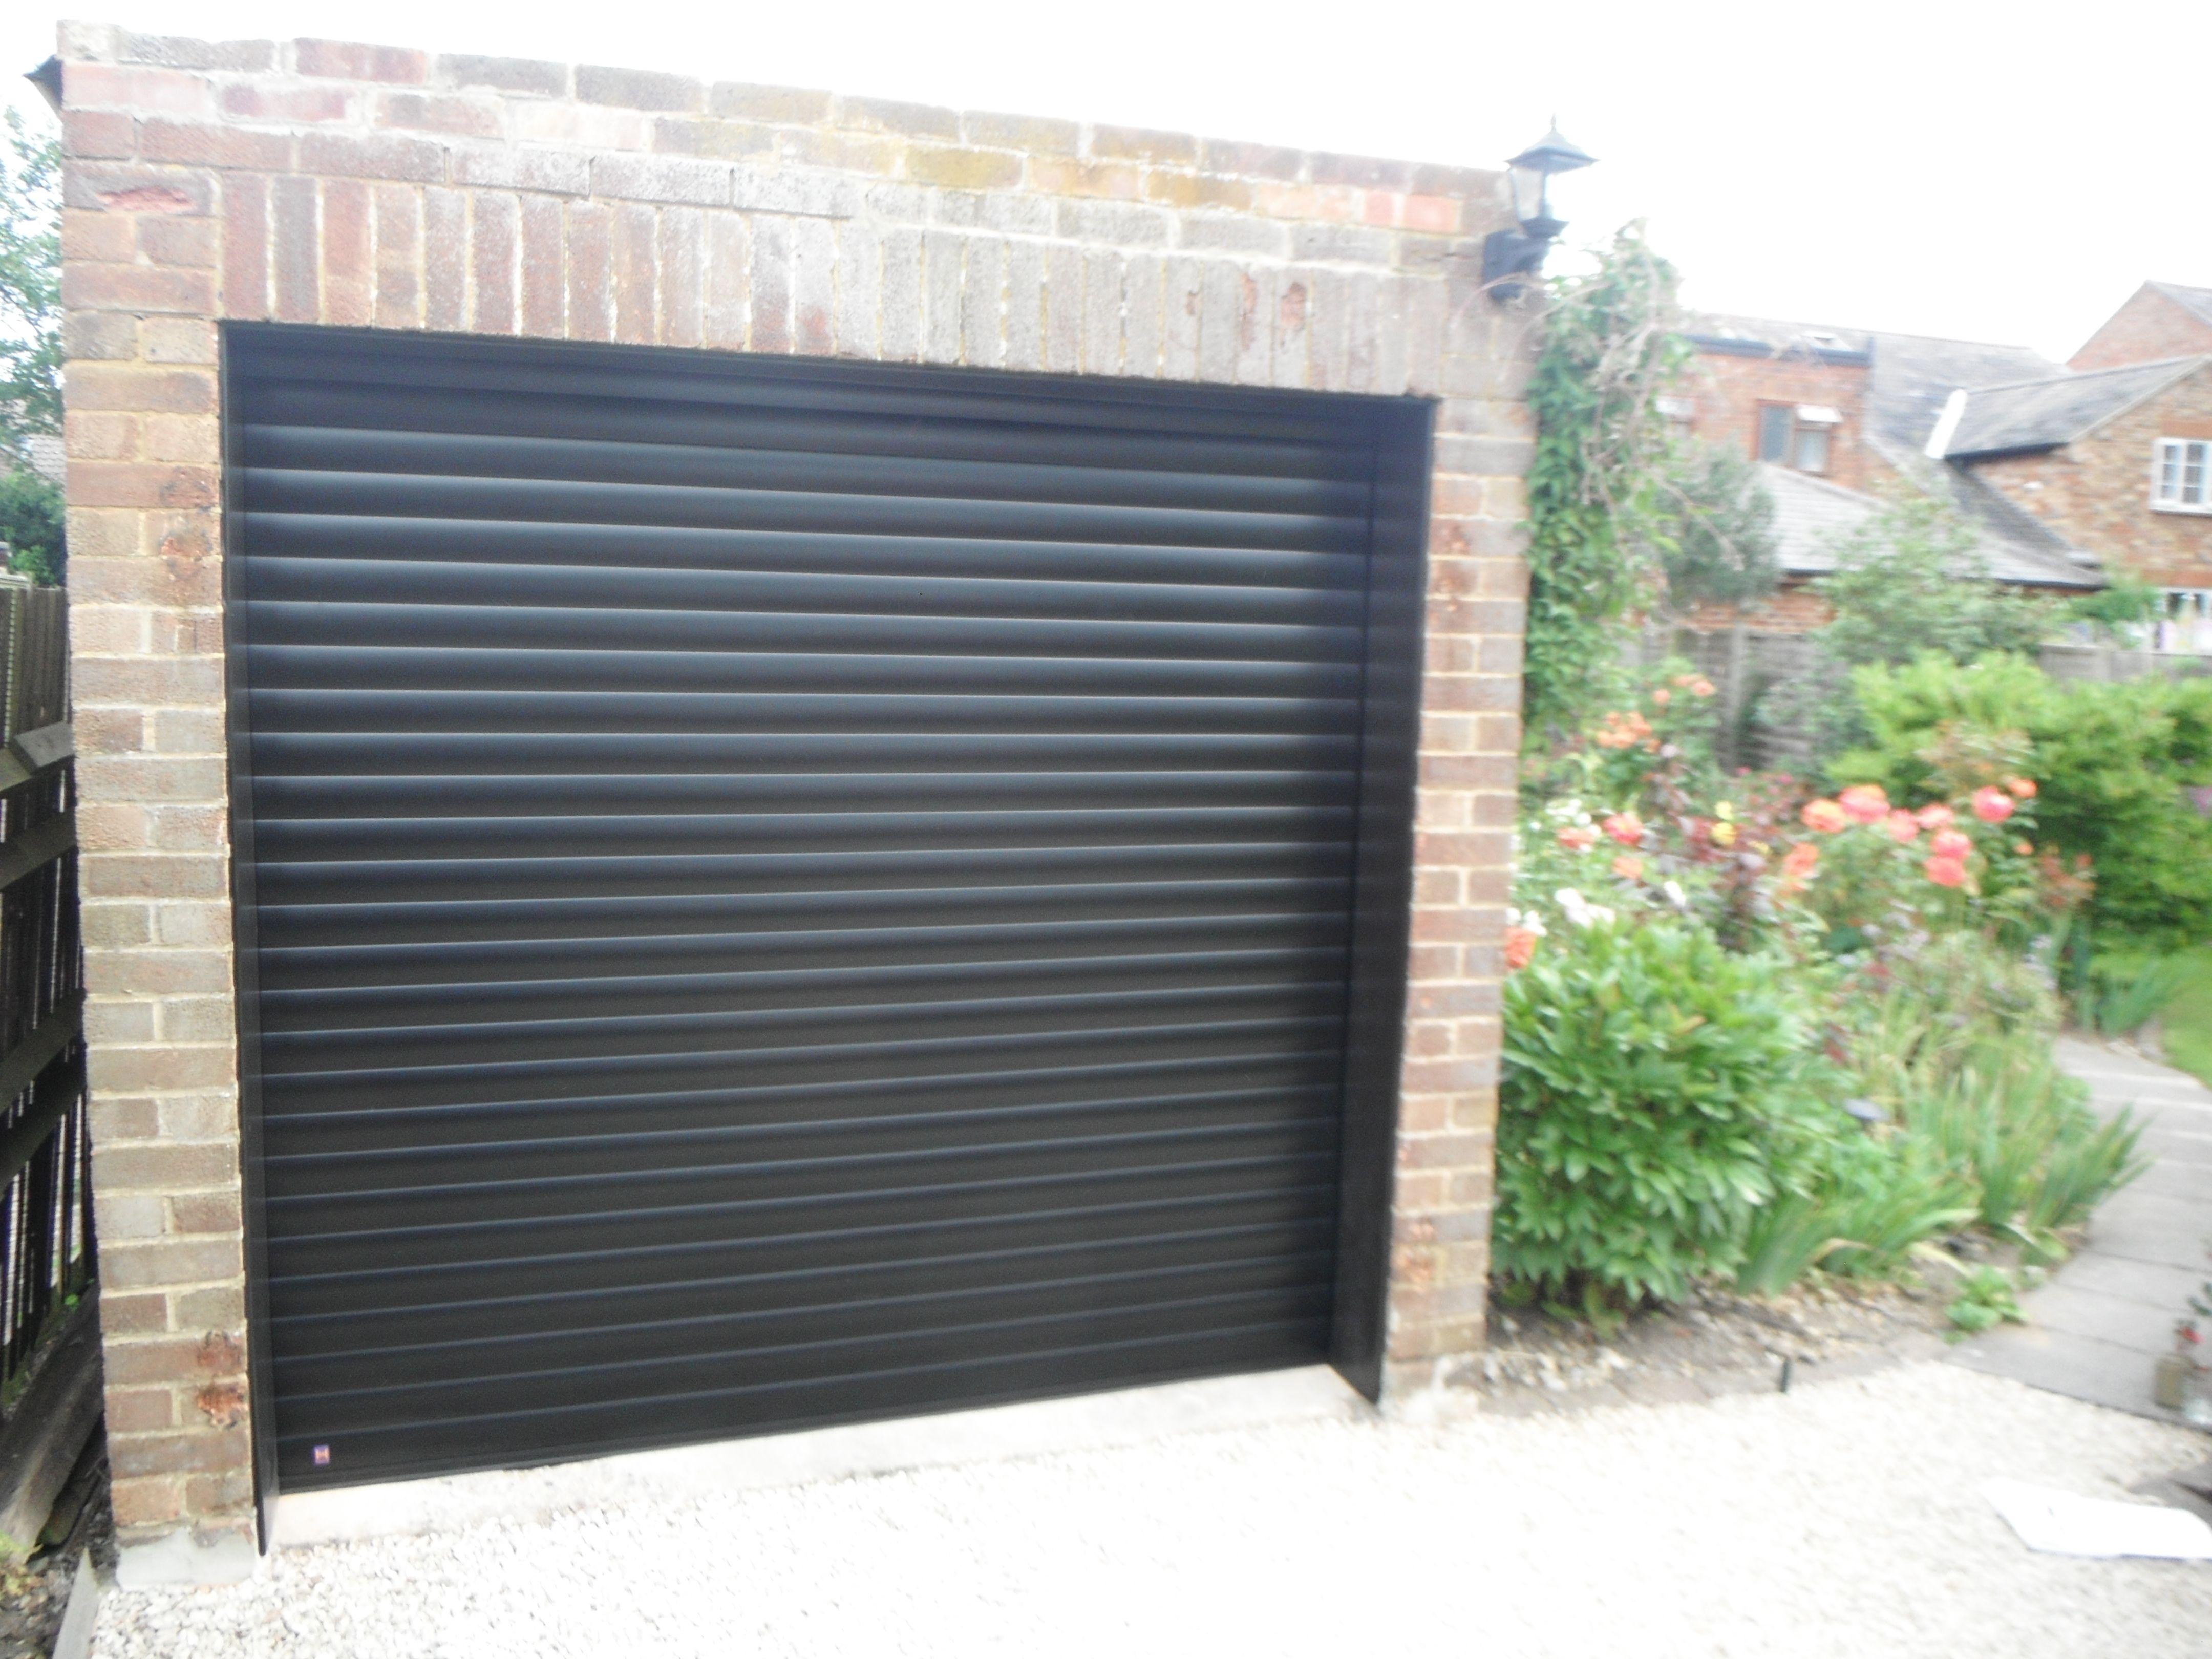 Hormann Rollmatic Garage Door in Jet Black finish.  sc 1 st  Pinterest & Hormann Rollmatic Garage Door in Jet Black finish. | Hormann ...